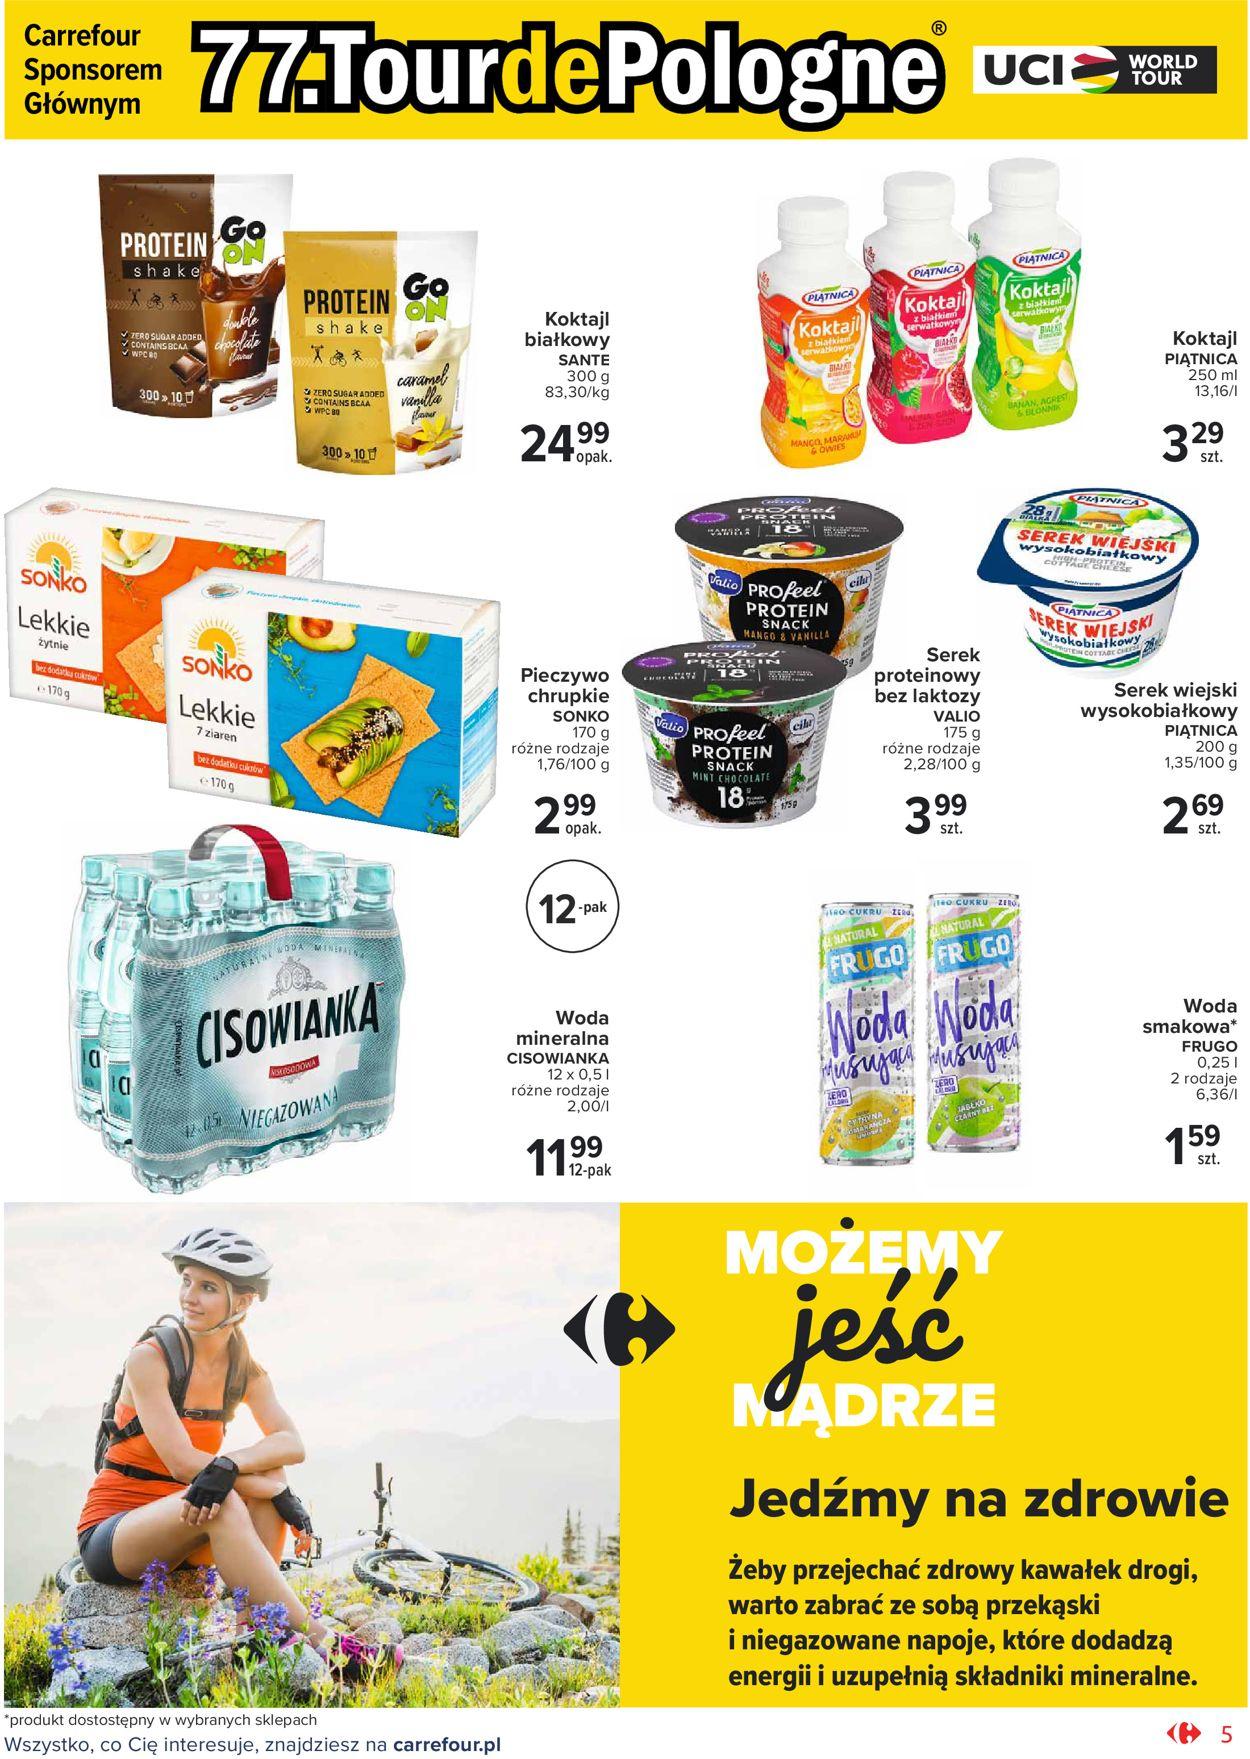 Gazetka promocyjna Carrefour - 04.08-14.08.2020 (Strona 5)